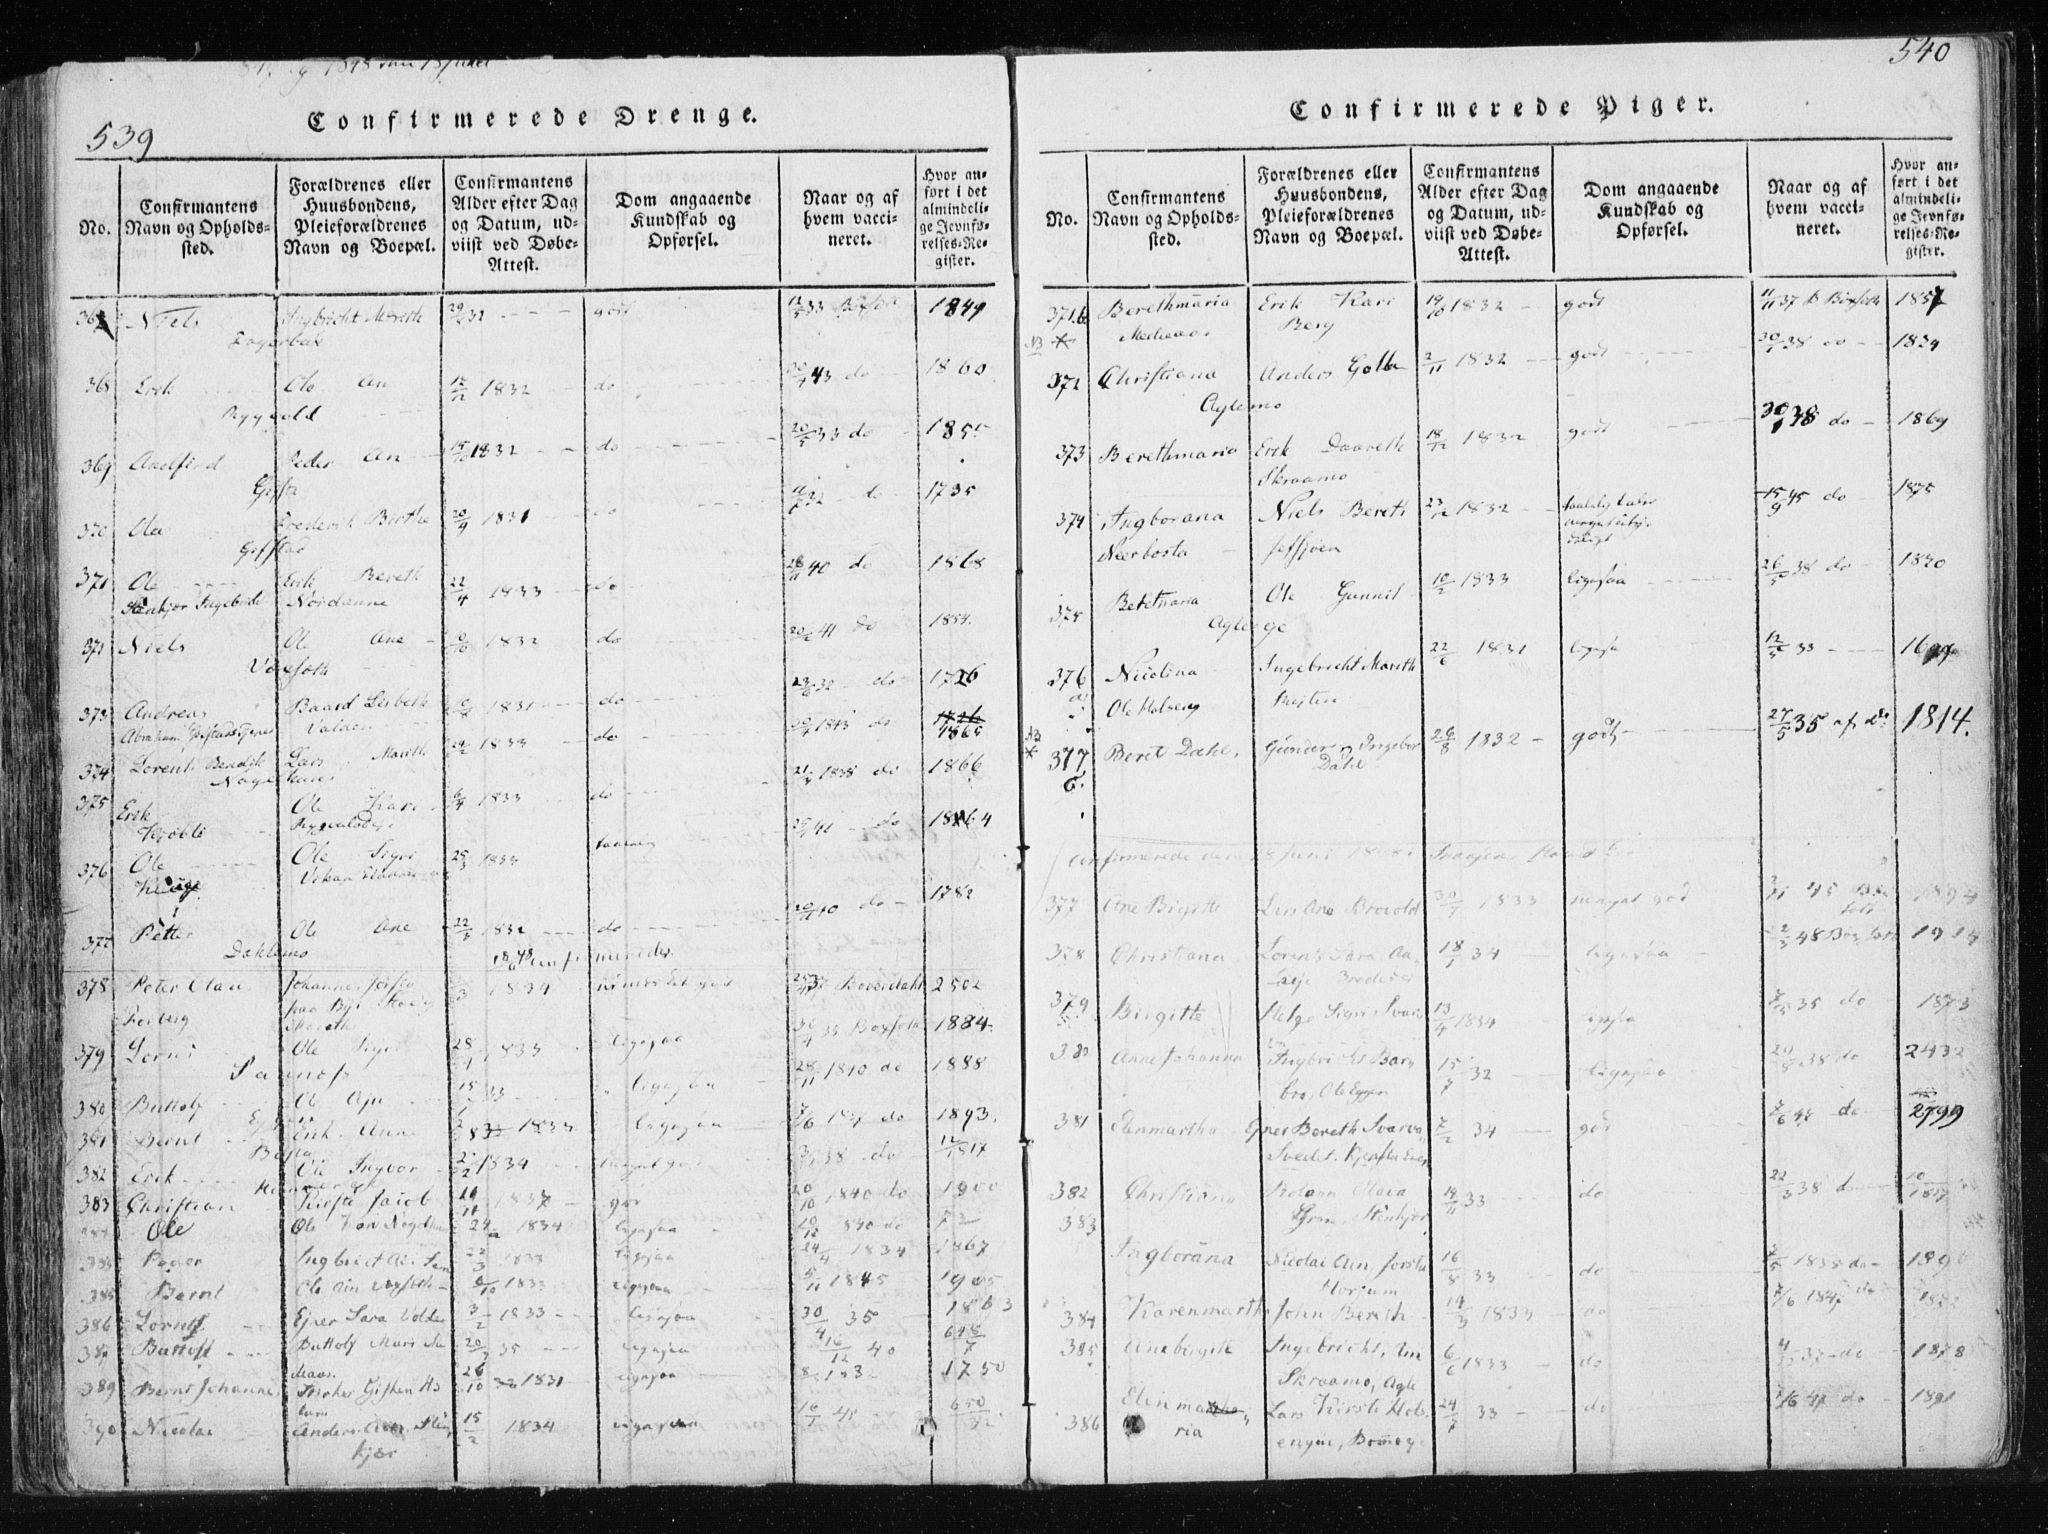 SAT, Ministerialprotokoller, klokkerbøker og fødselsregistre - Nord-Trøndelag, 749/L0469: Ministerialbok nr. 749A03, 1817-1857, s. 539-540